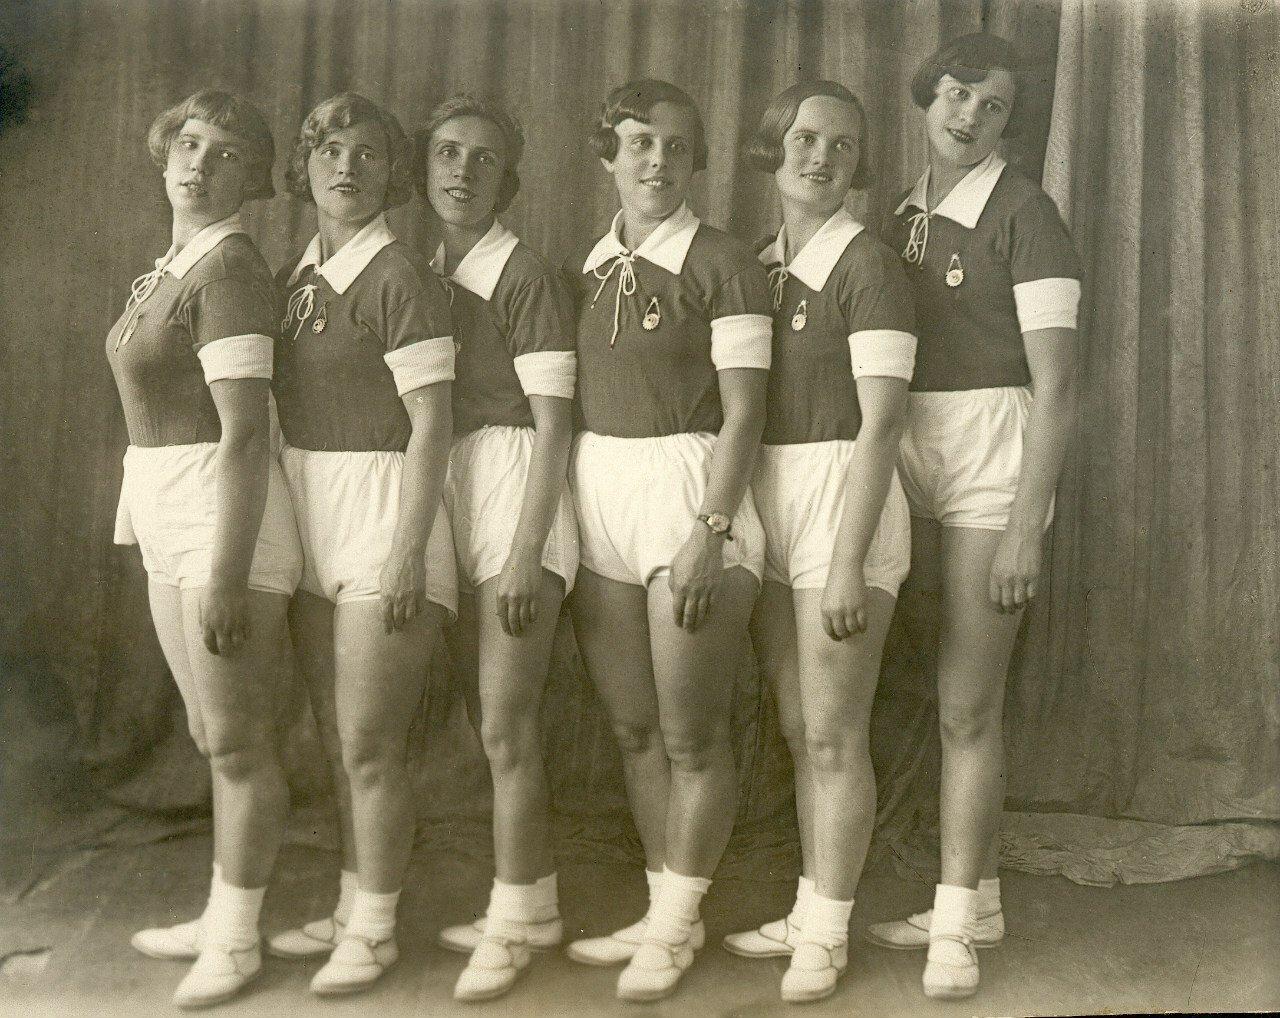 1934. Физкультурницы фабрики офсетной печати. Ленинград.